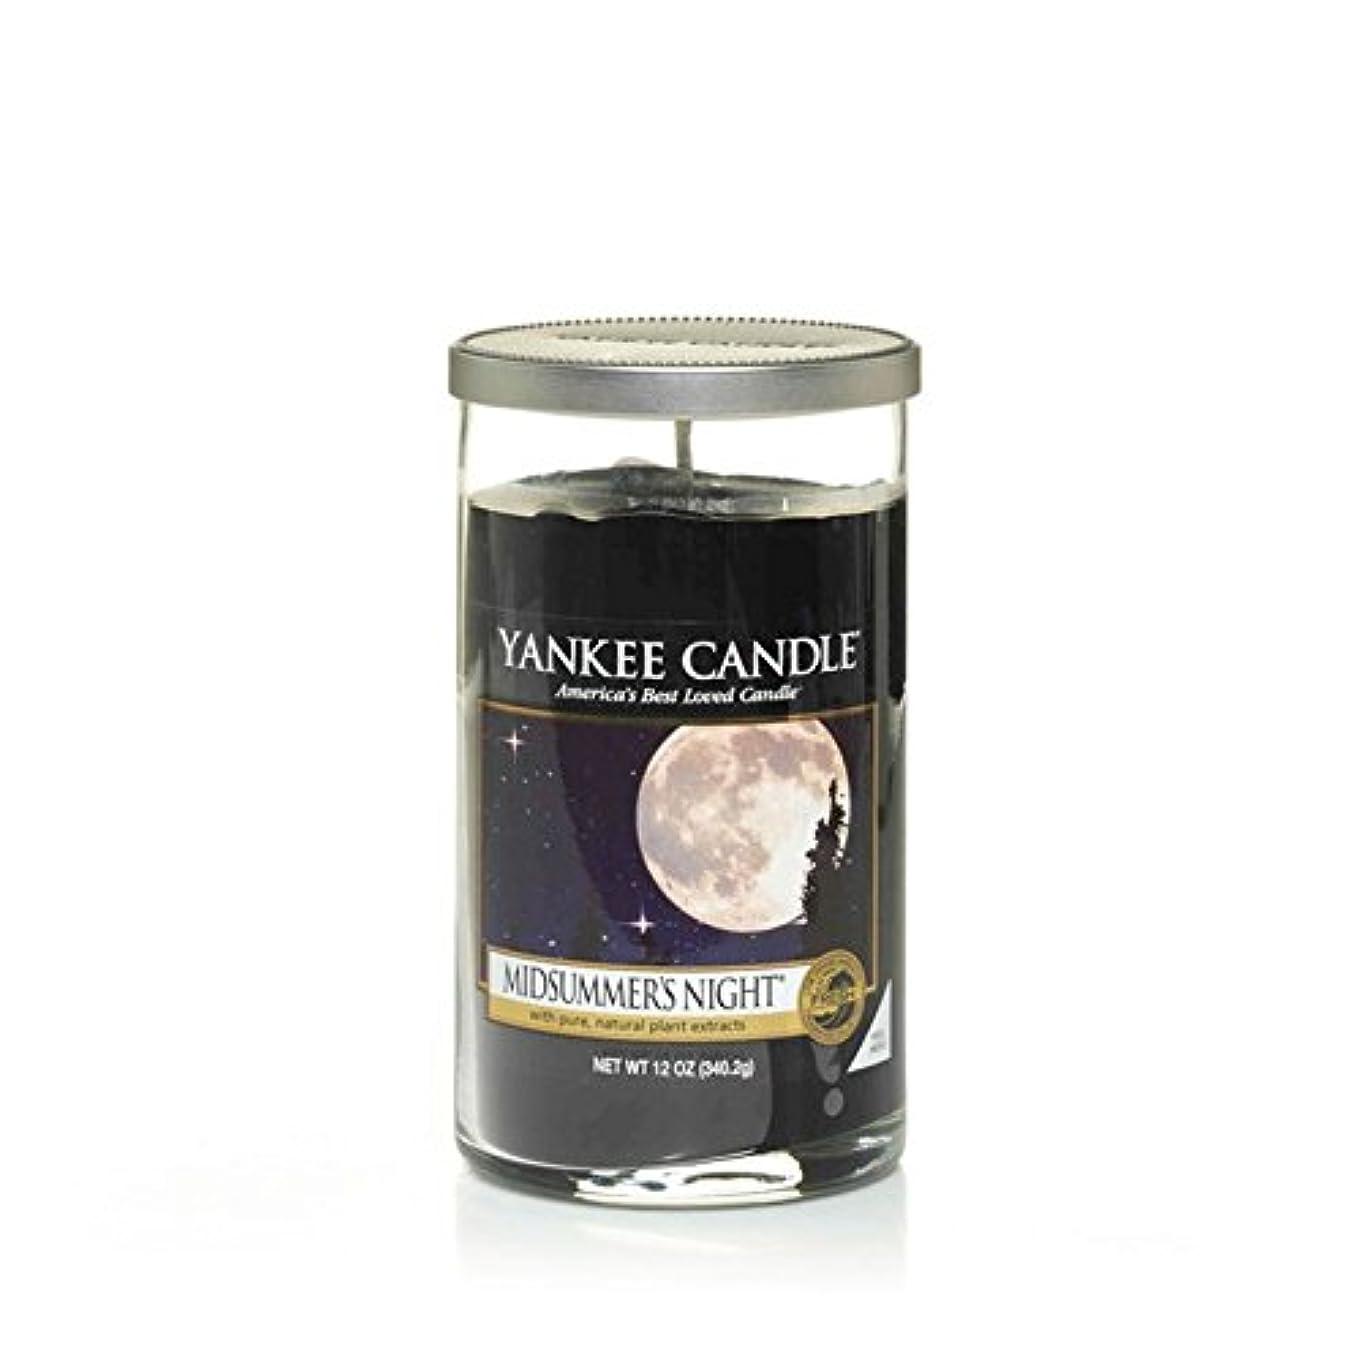 バイバイシティ介入するヤンキーキャンドルメディアピラーキャンドル - Midsummersの夜 - Yankee Candles Medium Pillar Candle - Midsummers Night (Yankee Candles)...